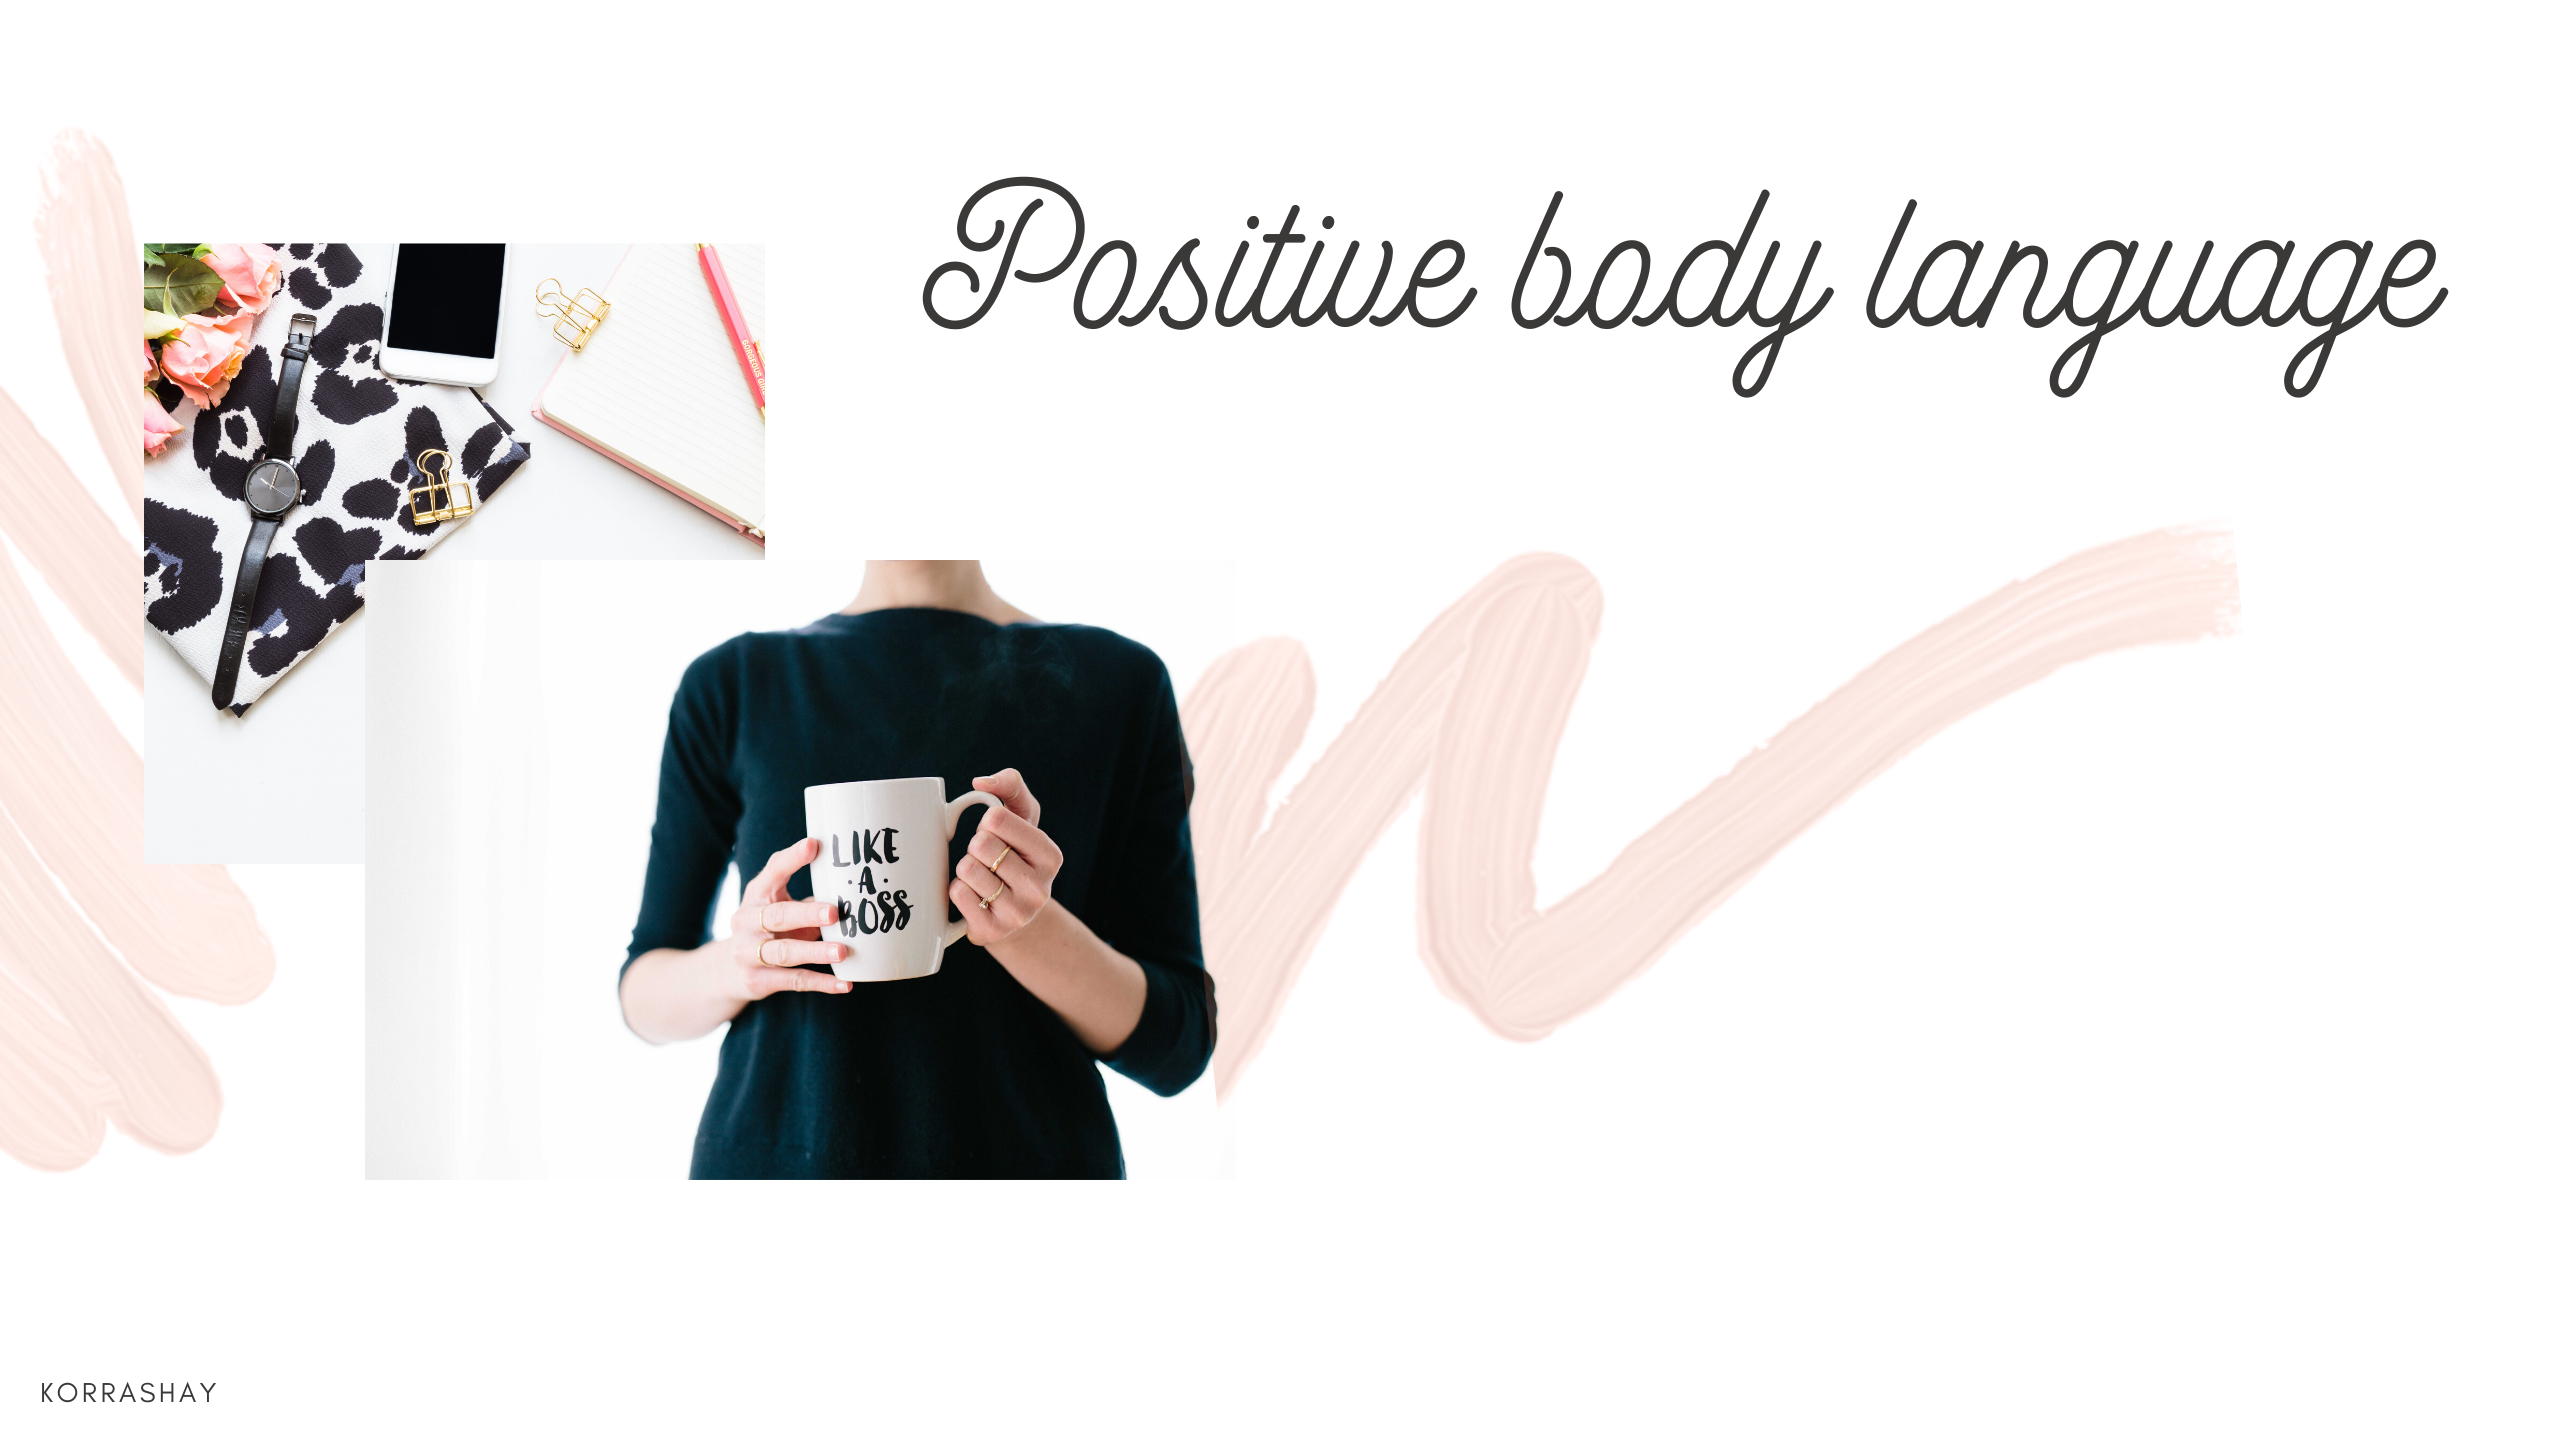 Confident women have better positive body language